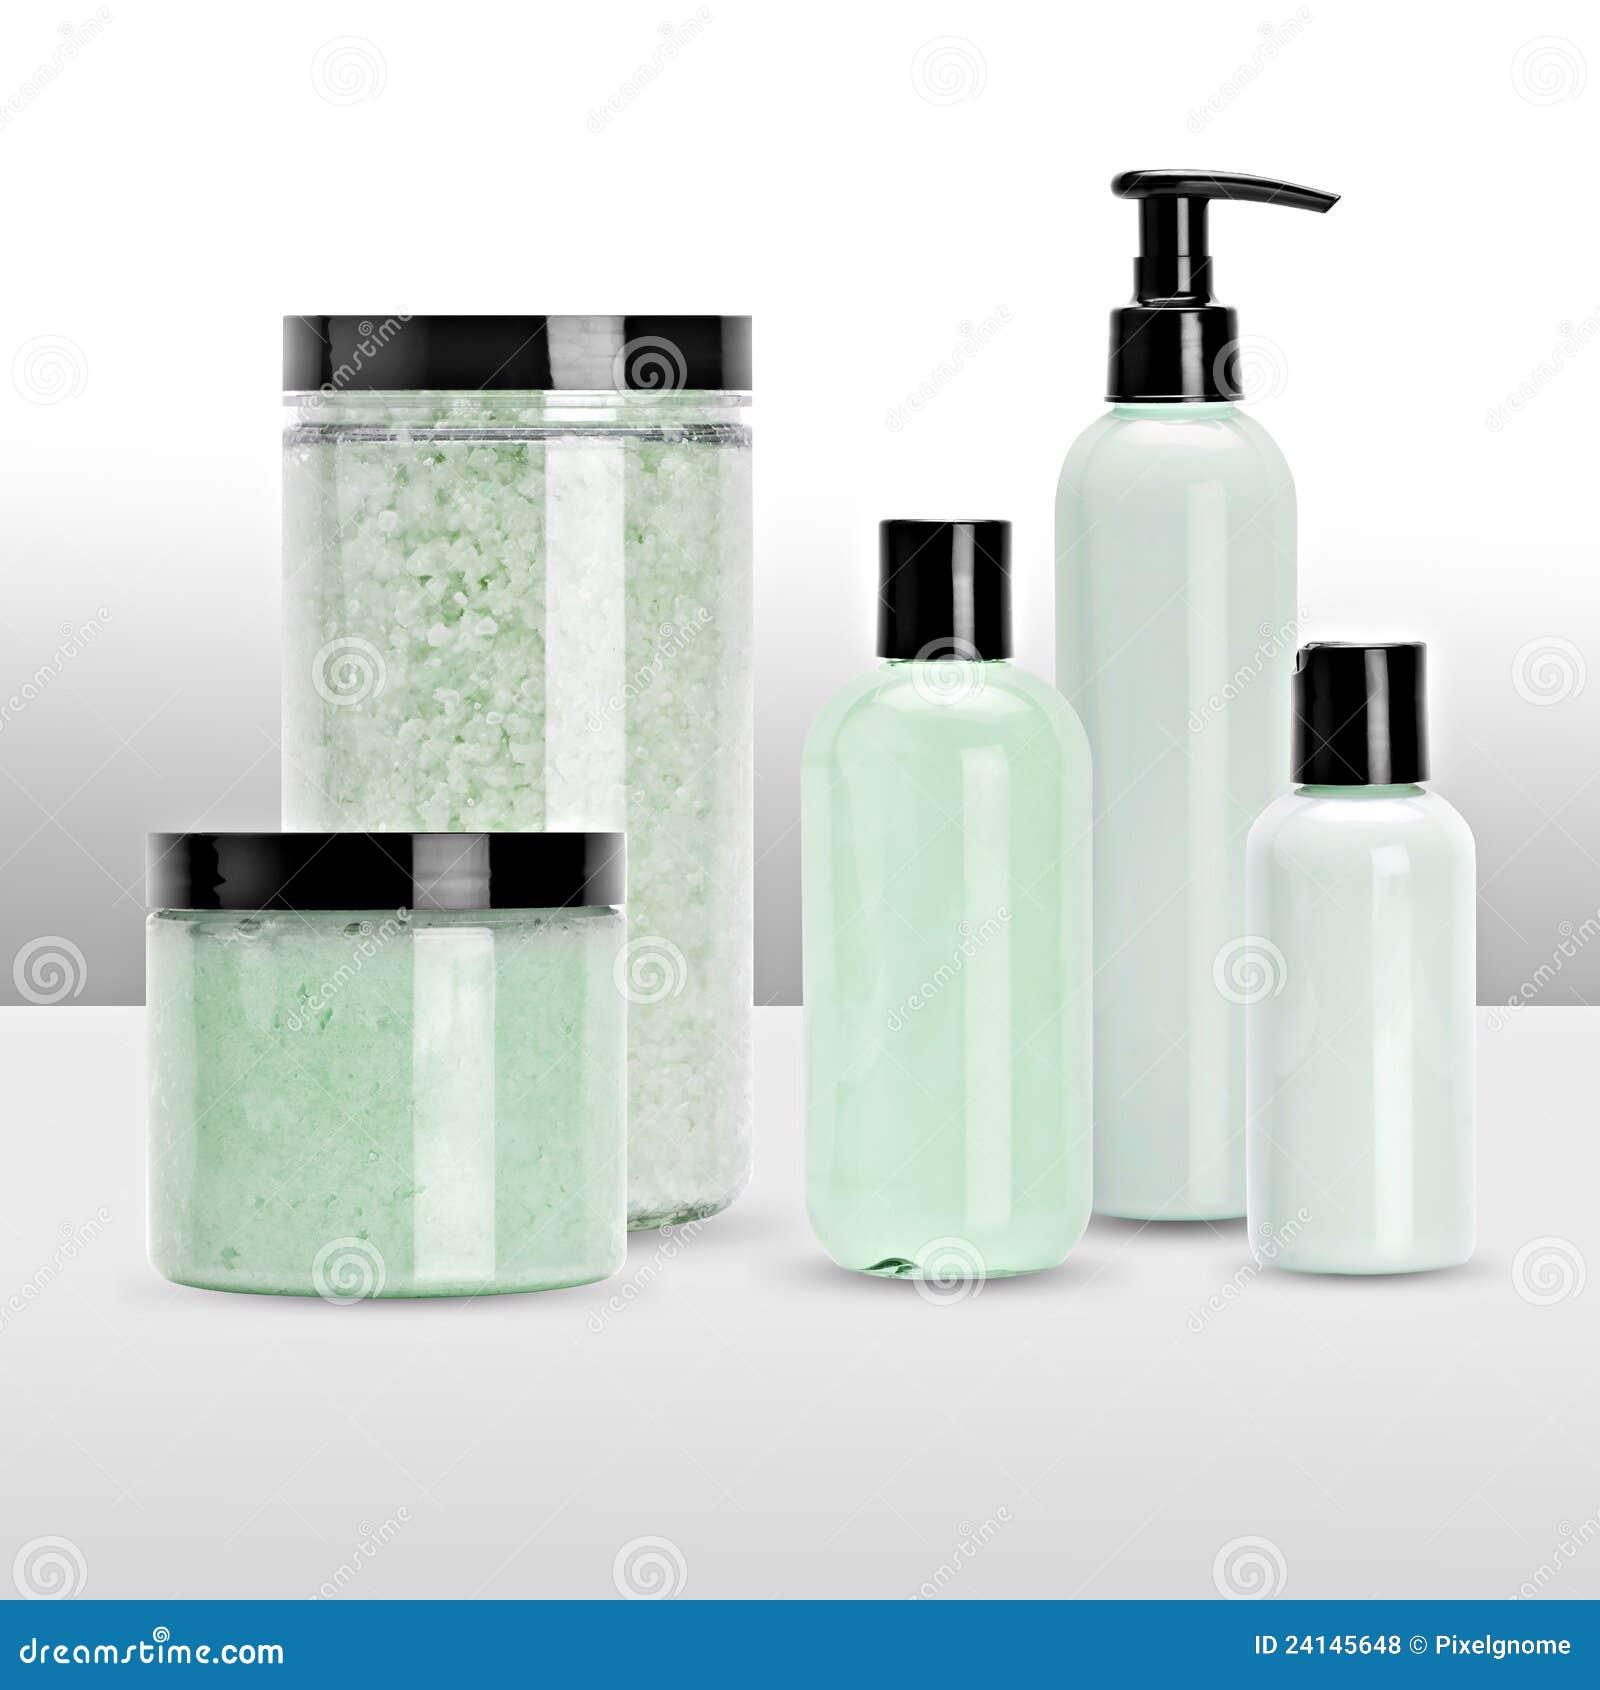 Imagenes De Objetos Del Baño:Bath and Beauty Products